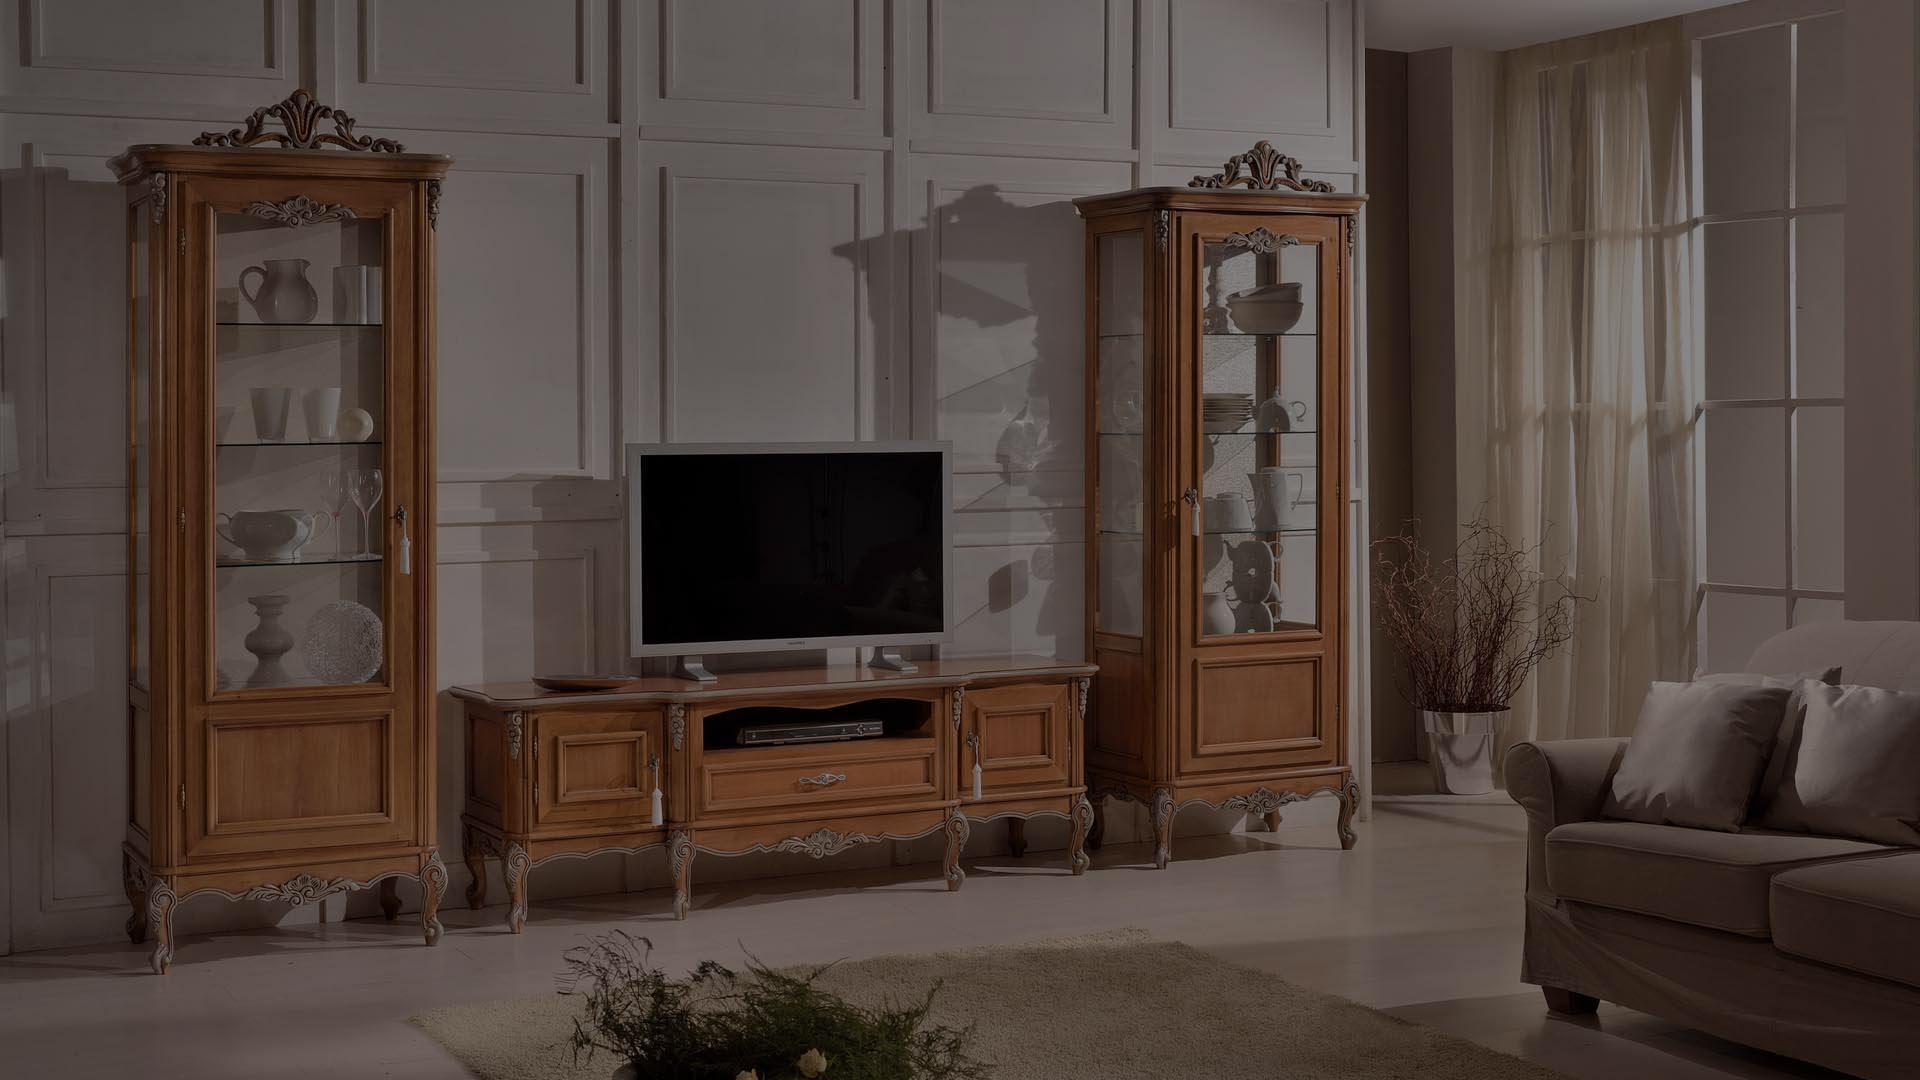 giulia casa mobili classici di stile bovolone verona